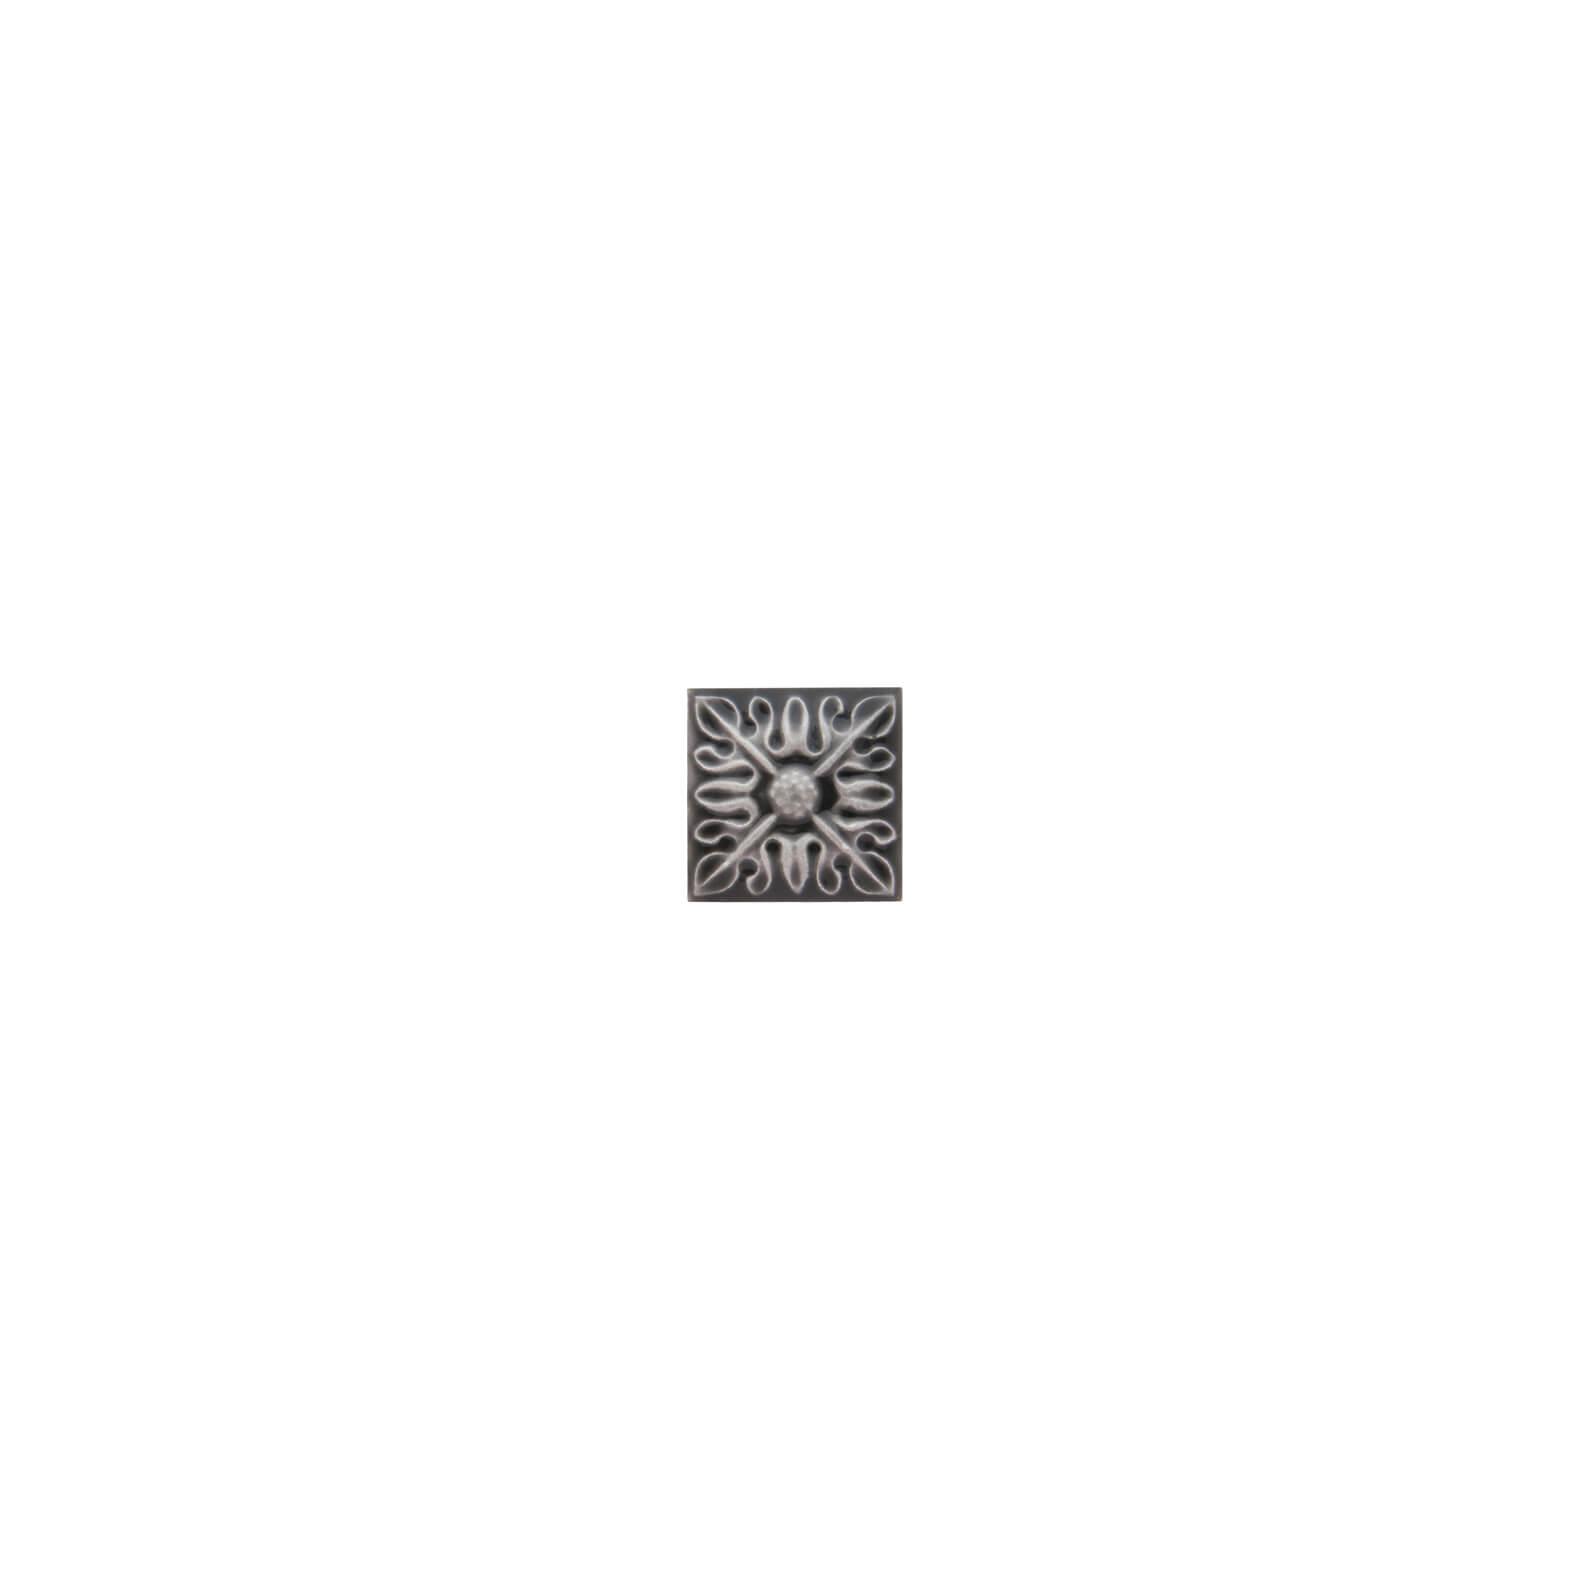 ADST4065 - TACO RELIEVE FLOR Nº 2 - 3 cm X 3 cm